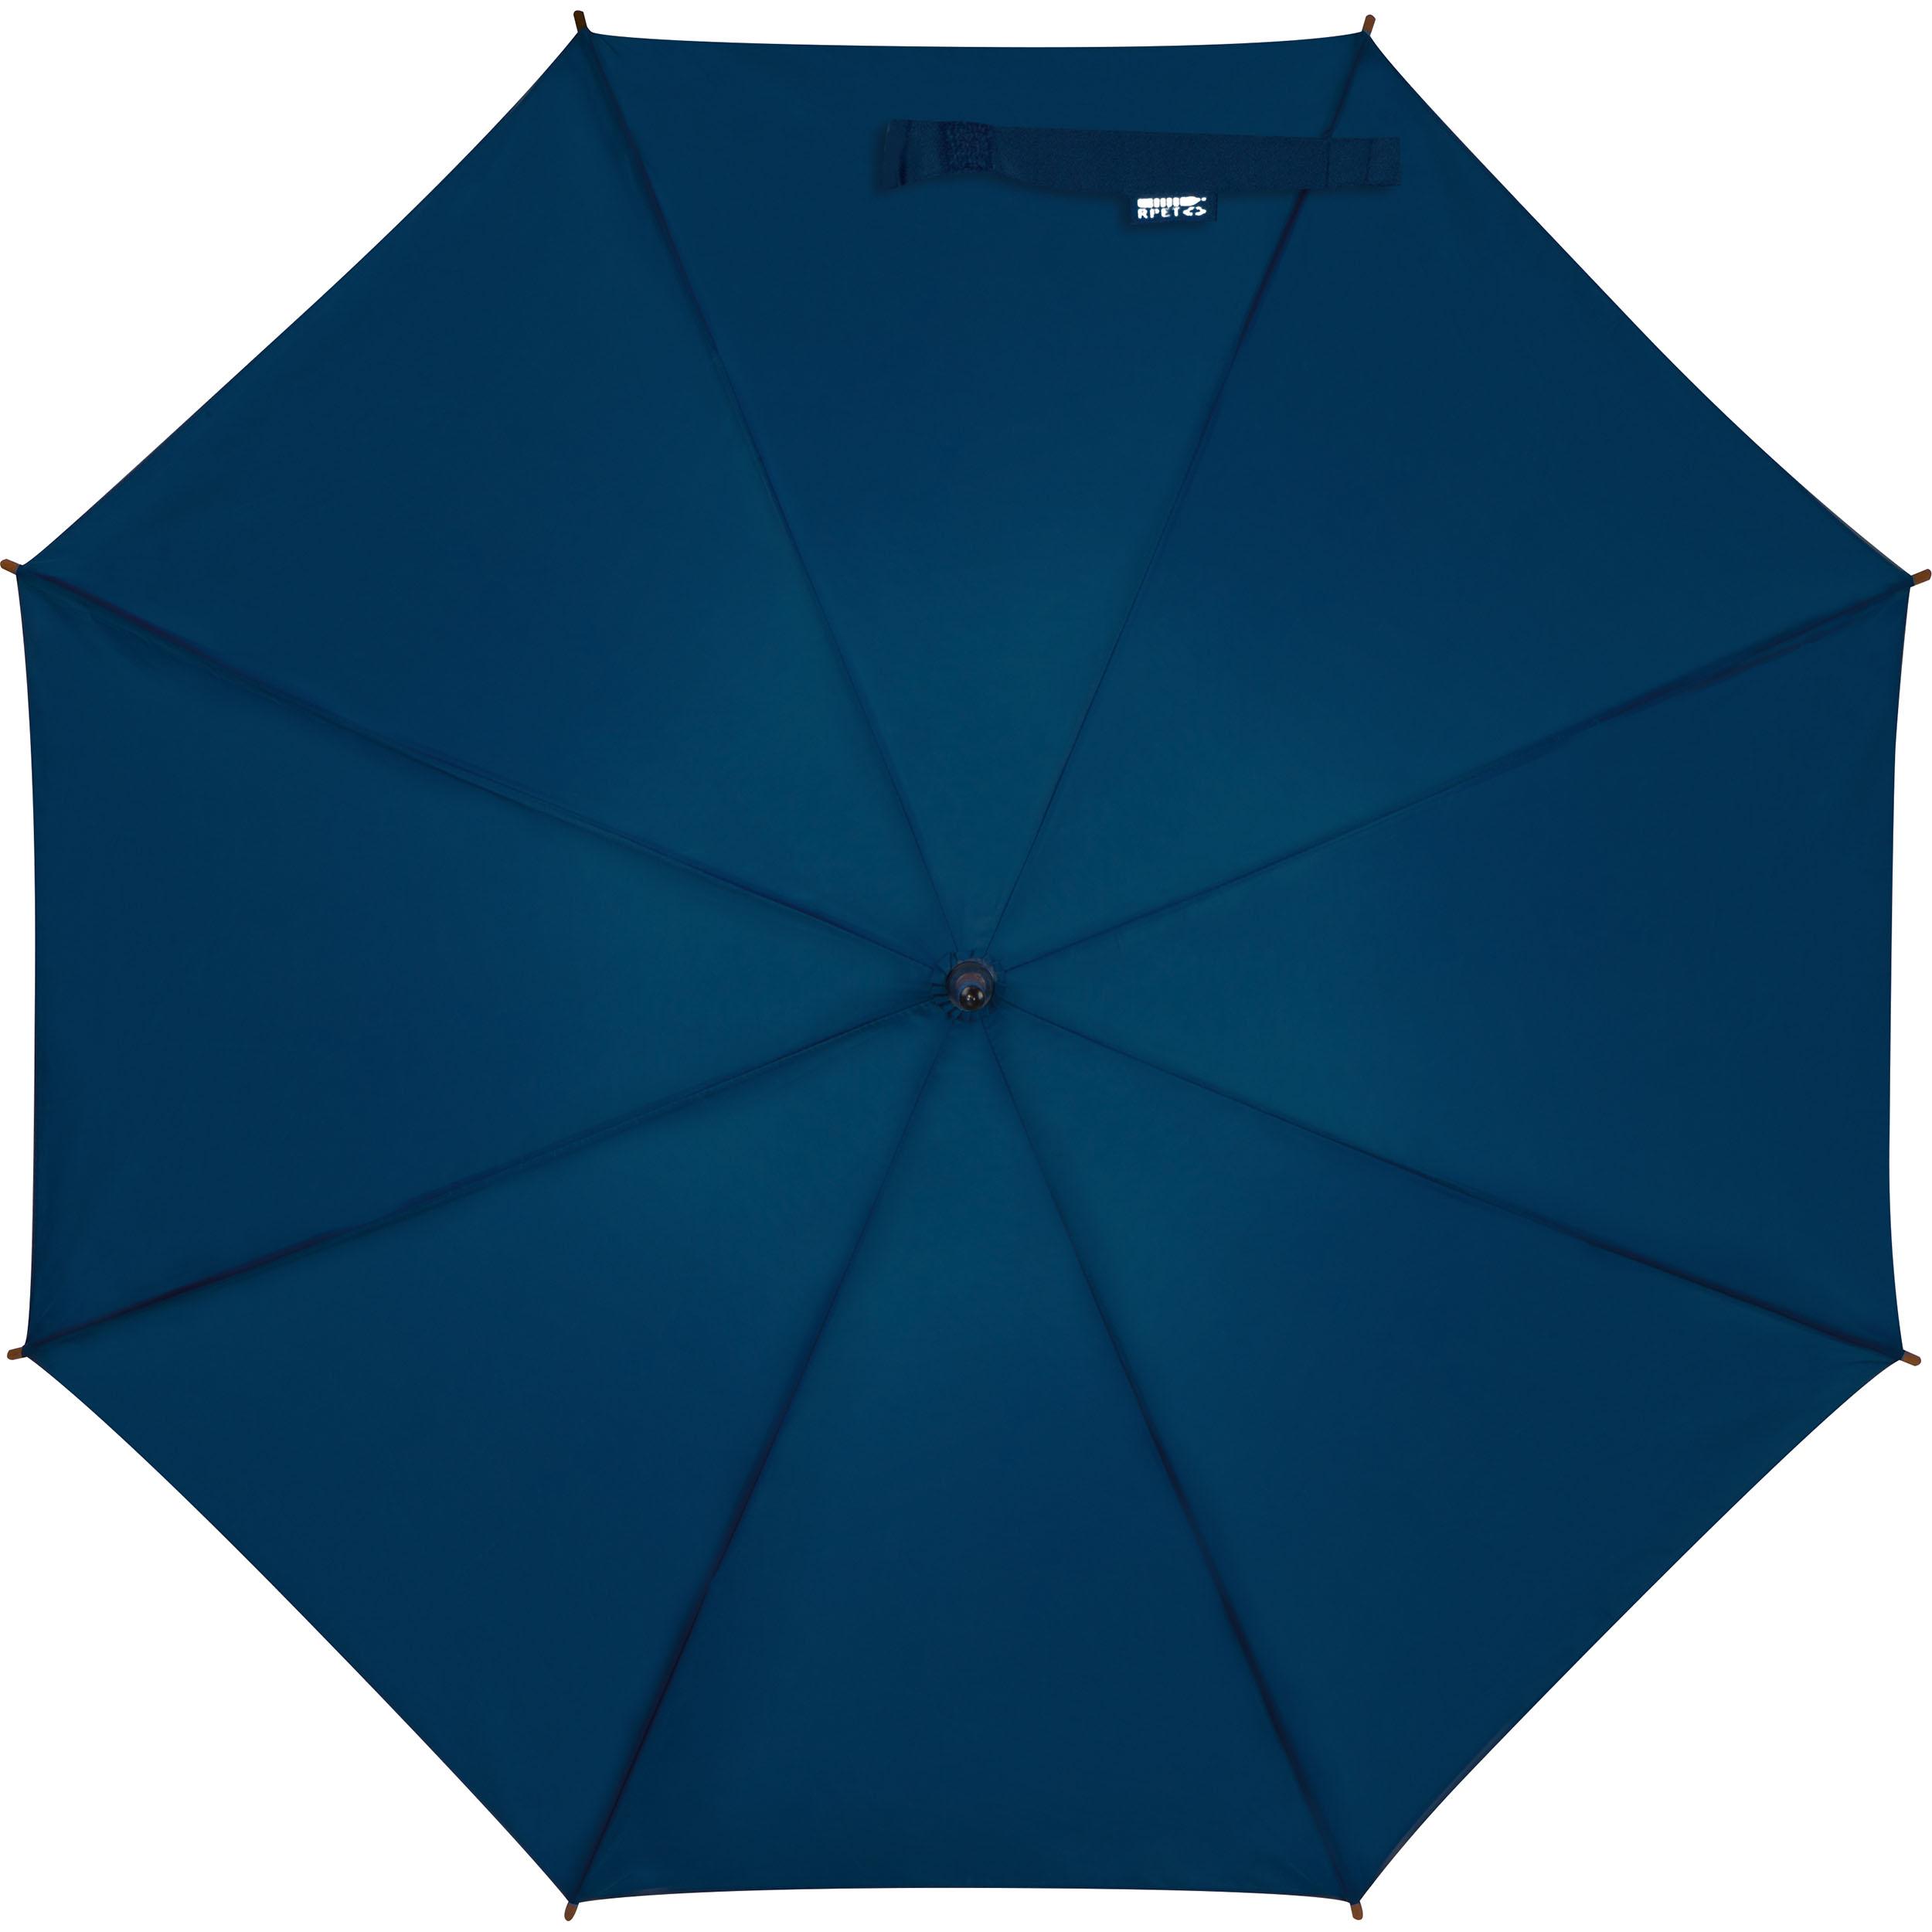 Automatikregenschirm aus recyceltem PET